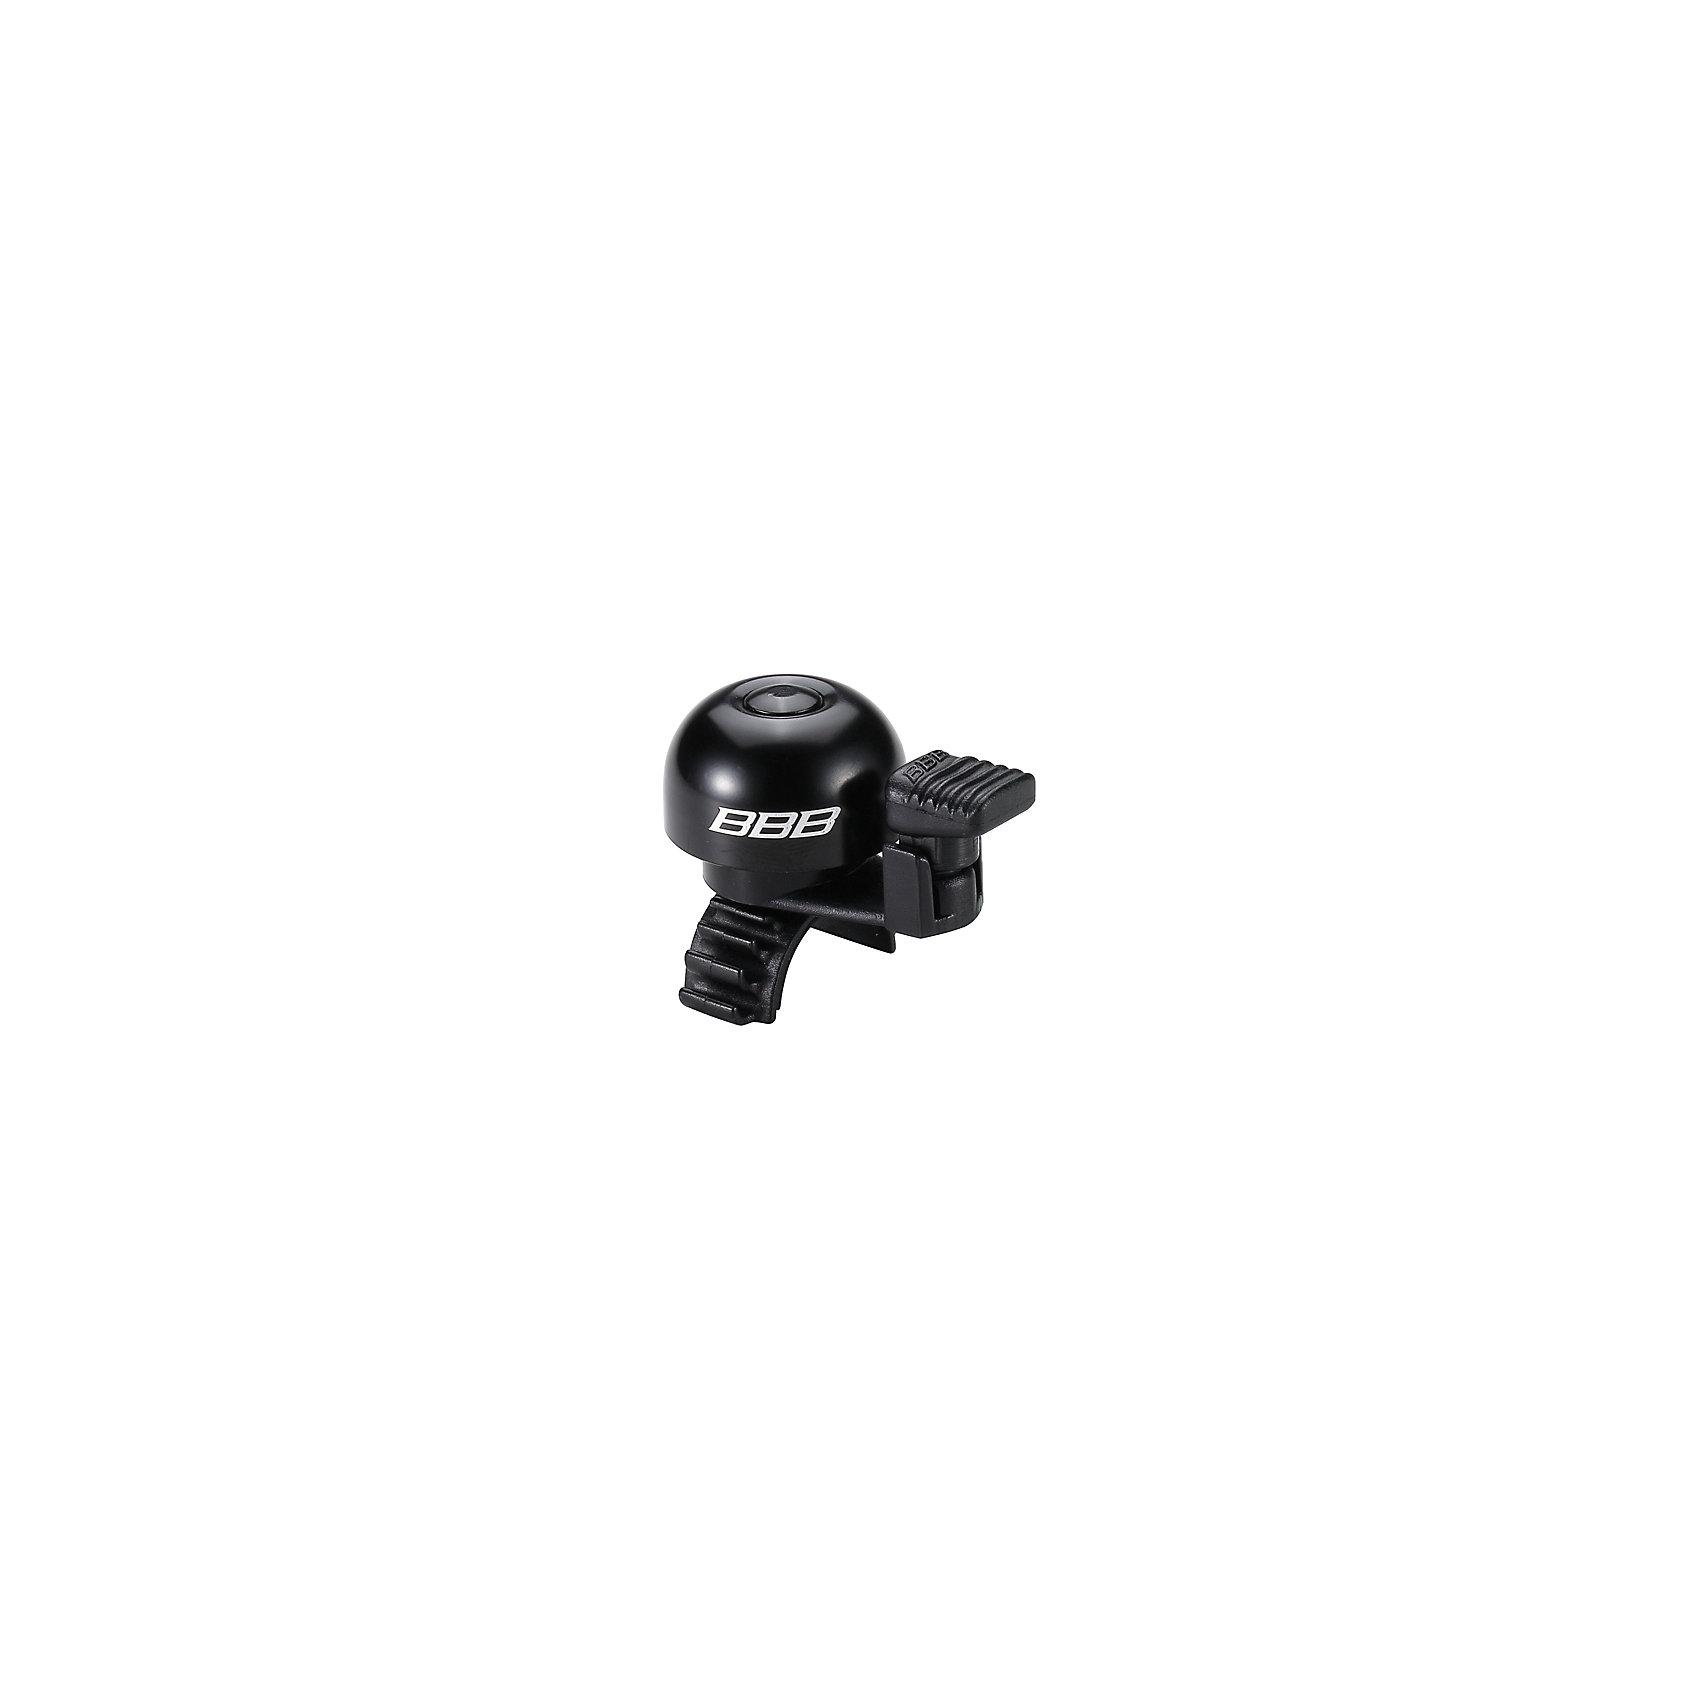 Звонок EasyFit  черный, BBBАксеcсуары для велосипедов<br>Характеристики товара: <br><br>• цвет: черный<br>• облегченный алюминиевый звонок с пружиной из нержавеющей стали <br>• быстросъемный <br>• крепление с резиновым ремешком<br>• подходит для всех видов рулей<br>• прочная и легкая конструкция<br><br>Звонок EasyFit черный, BBB можно купить в нашем интернет-магазине.<br><br>Ширина мм: 160<br>Глубина мм: 80<br>Высота мм: 40<br>Вес г: 31<br>Возраст от месяцев: 36<br>Возраст до месяцев: 144<br>Пол: Унисекс<br>Возраст: Детский<br>SKU: 5569399